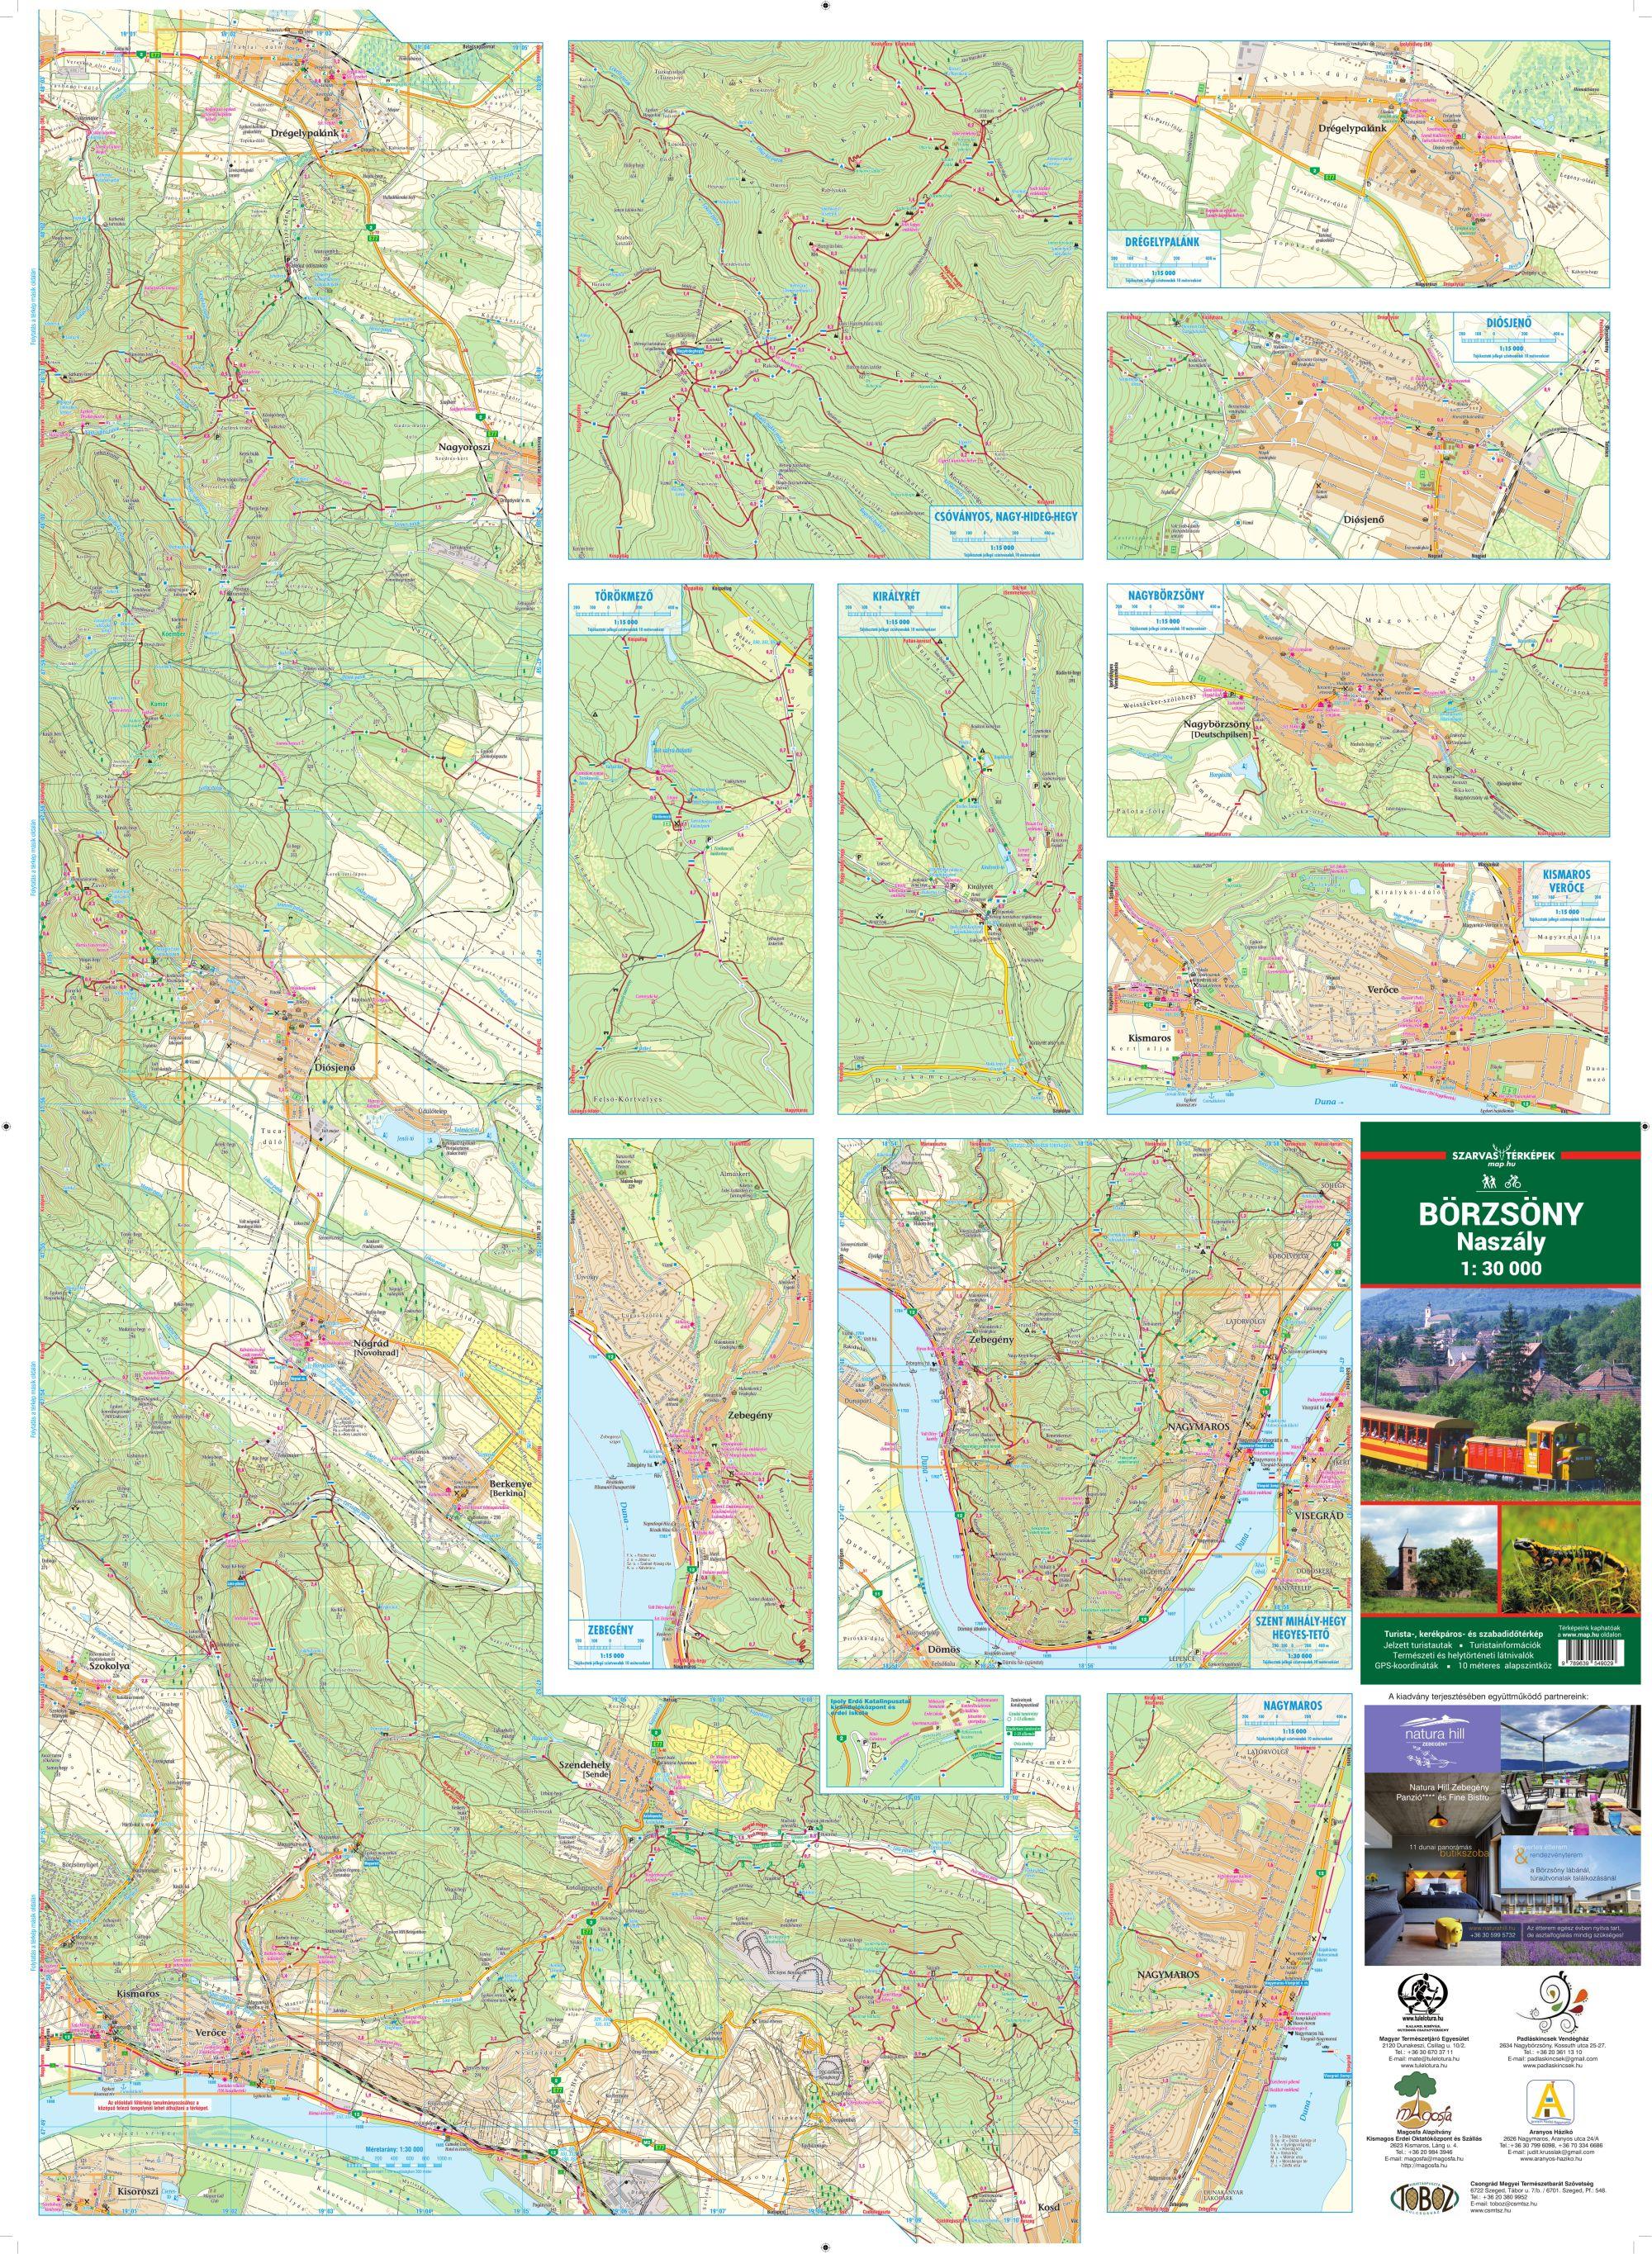 Börzsöny B oldal által lefedett terület